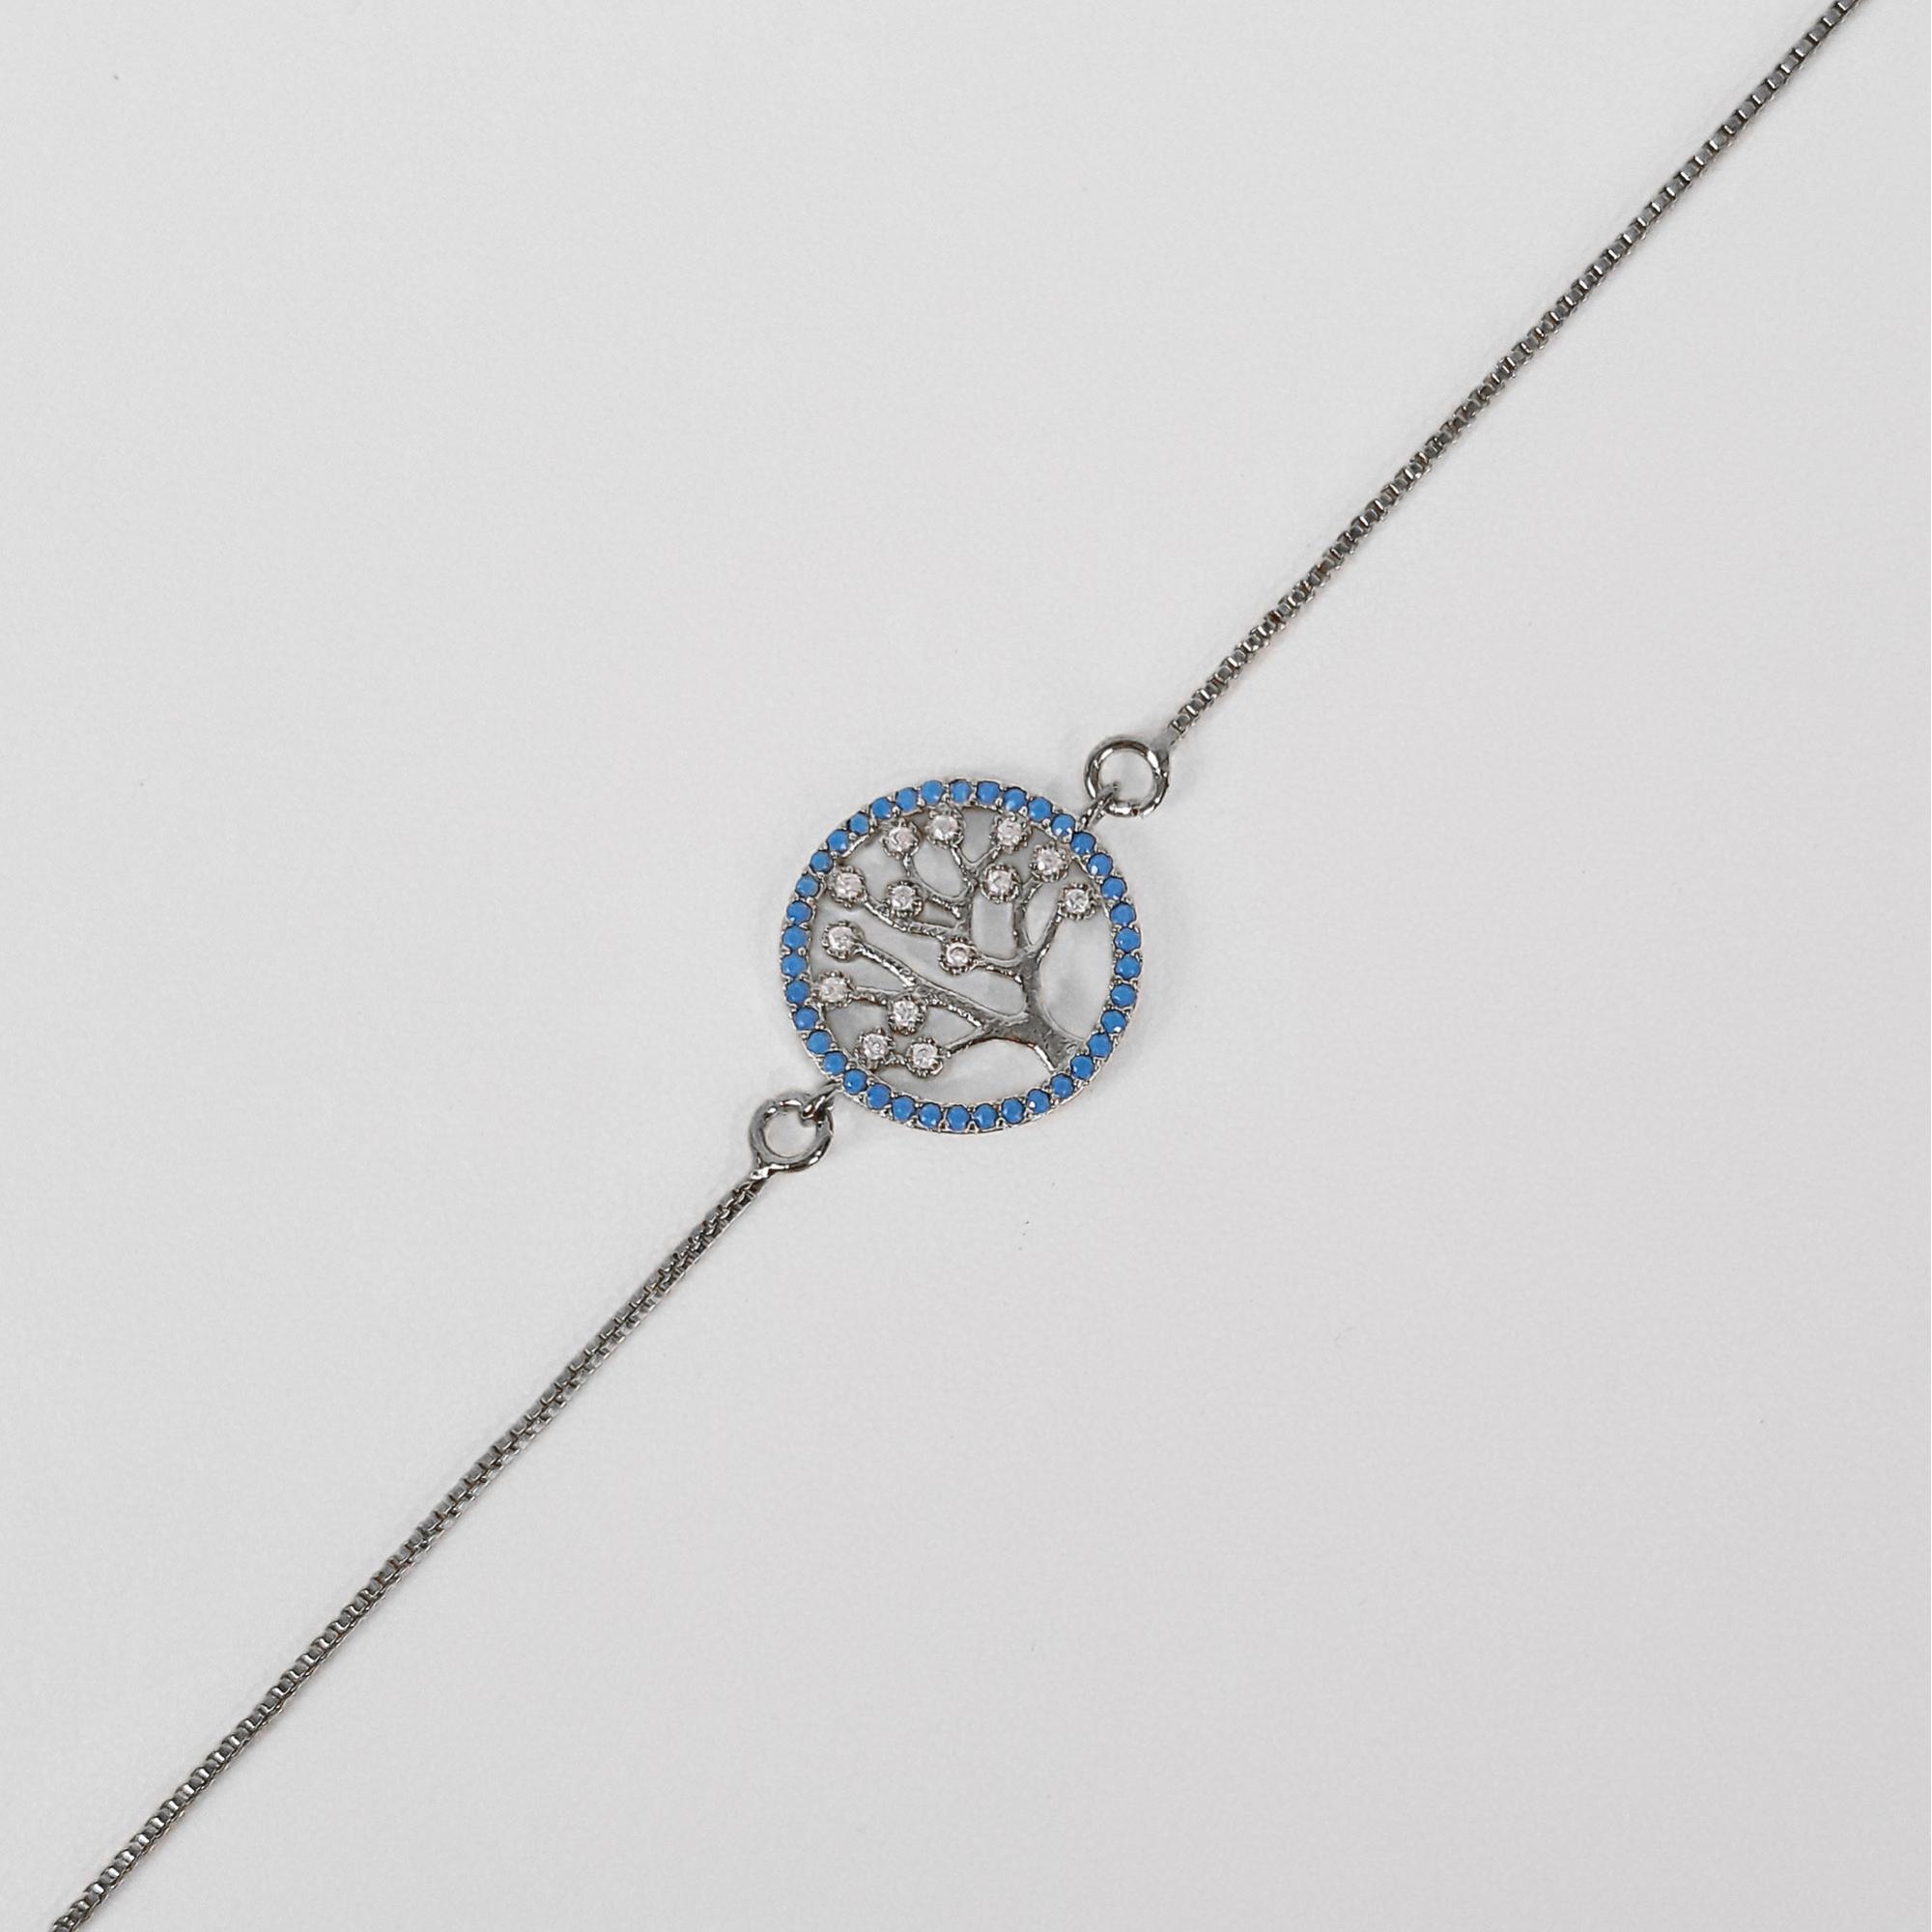 Pulseira Árvore da Vida Azul Zircônia Banho Ródio Negro  - Lunozê Joias